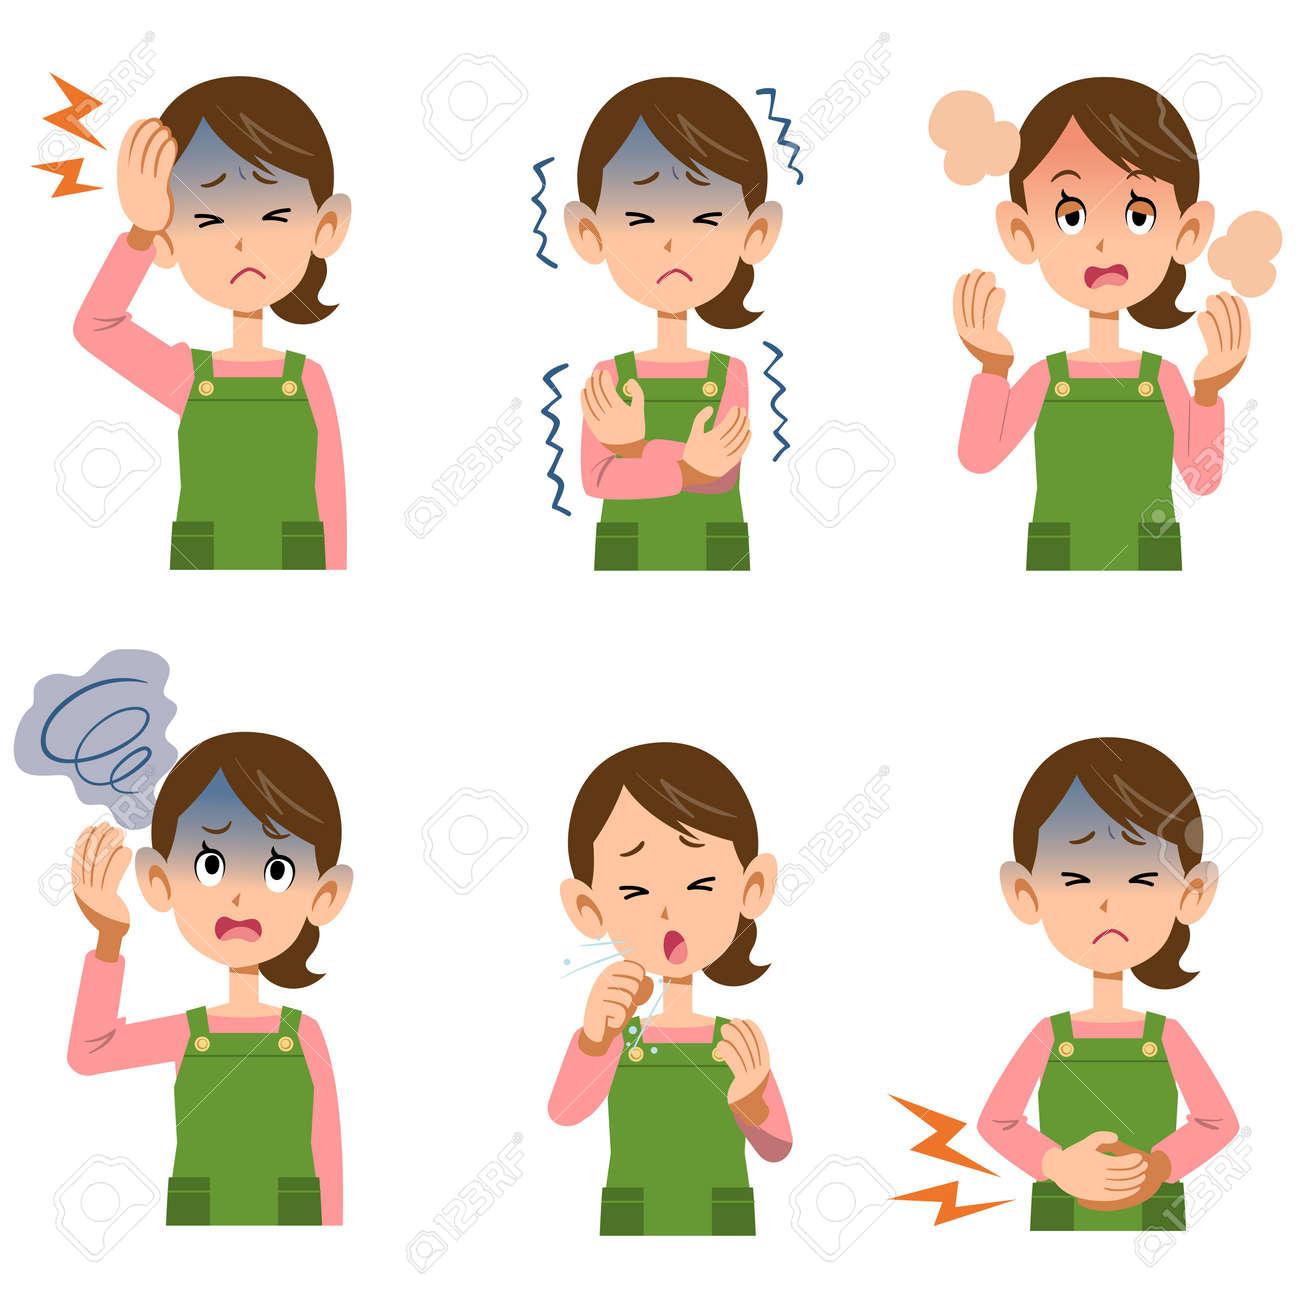 Symptoms in women housewife six - 59808422